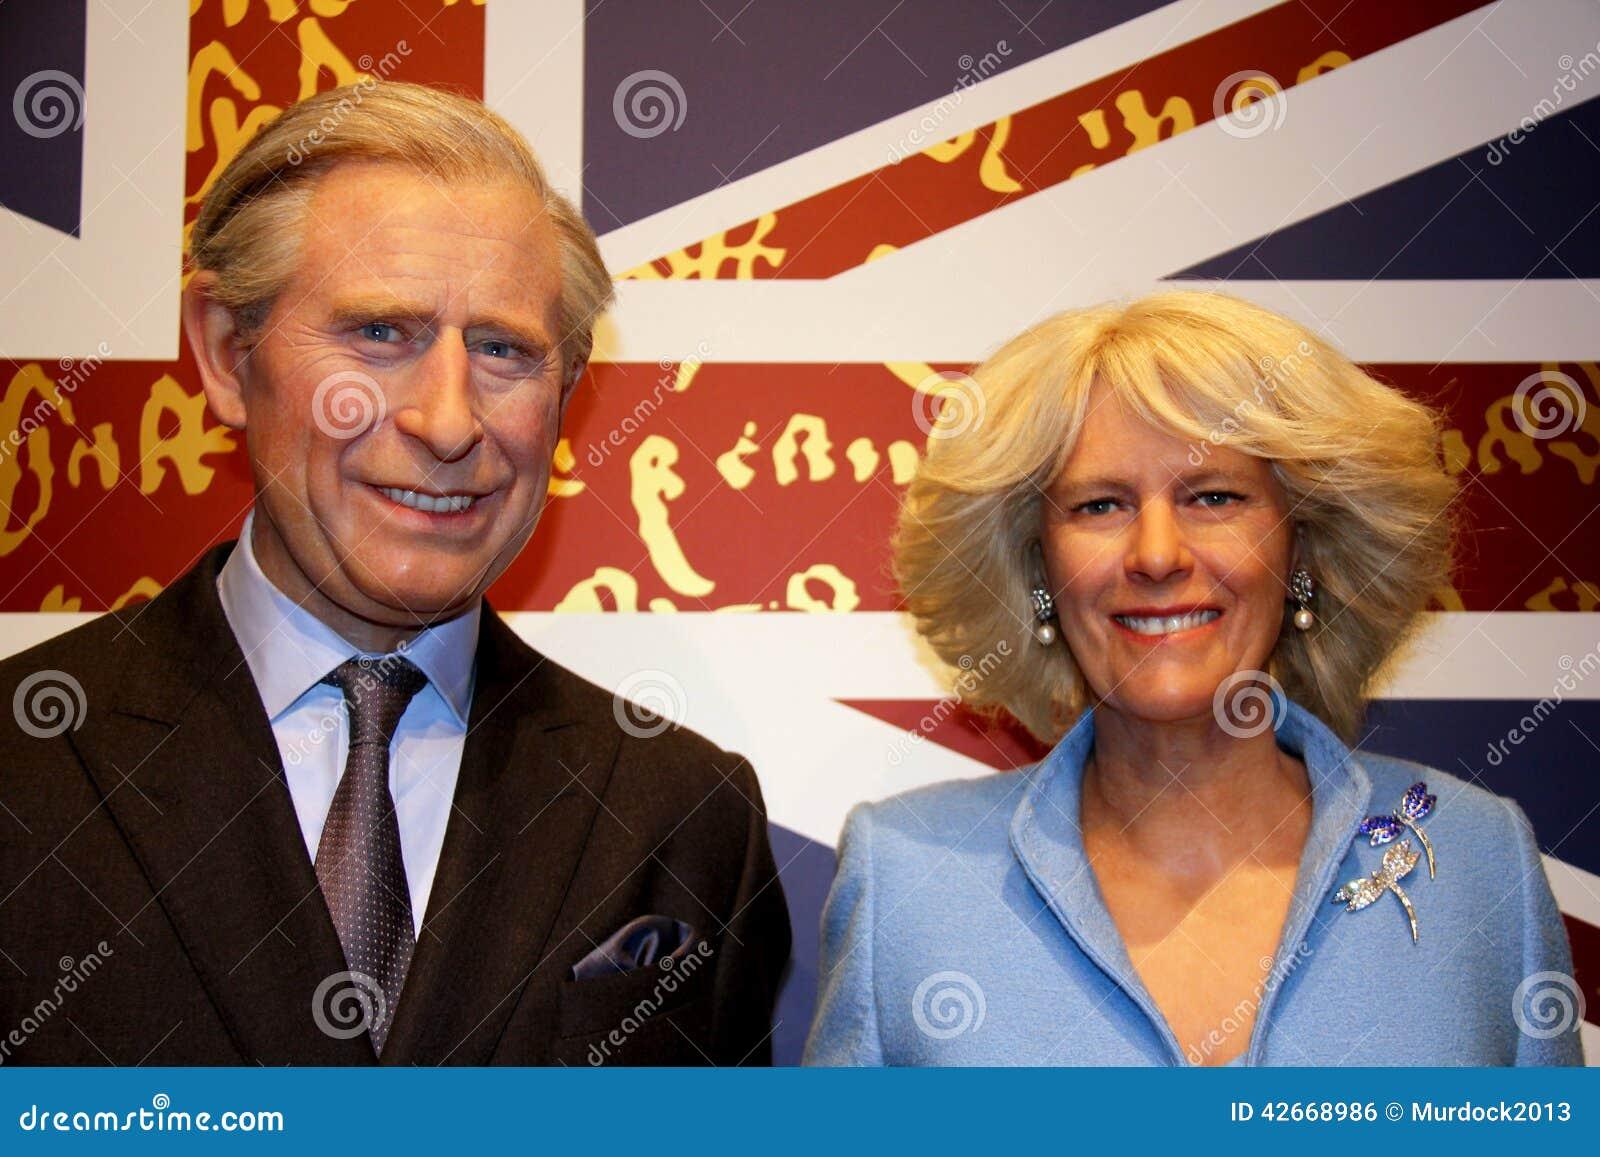 Principe Charles E Camilla Parker Bowles Foto Editorial Imagem De Principe Bowles 42668986